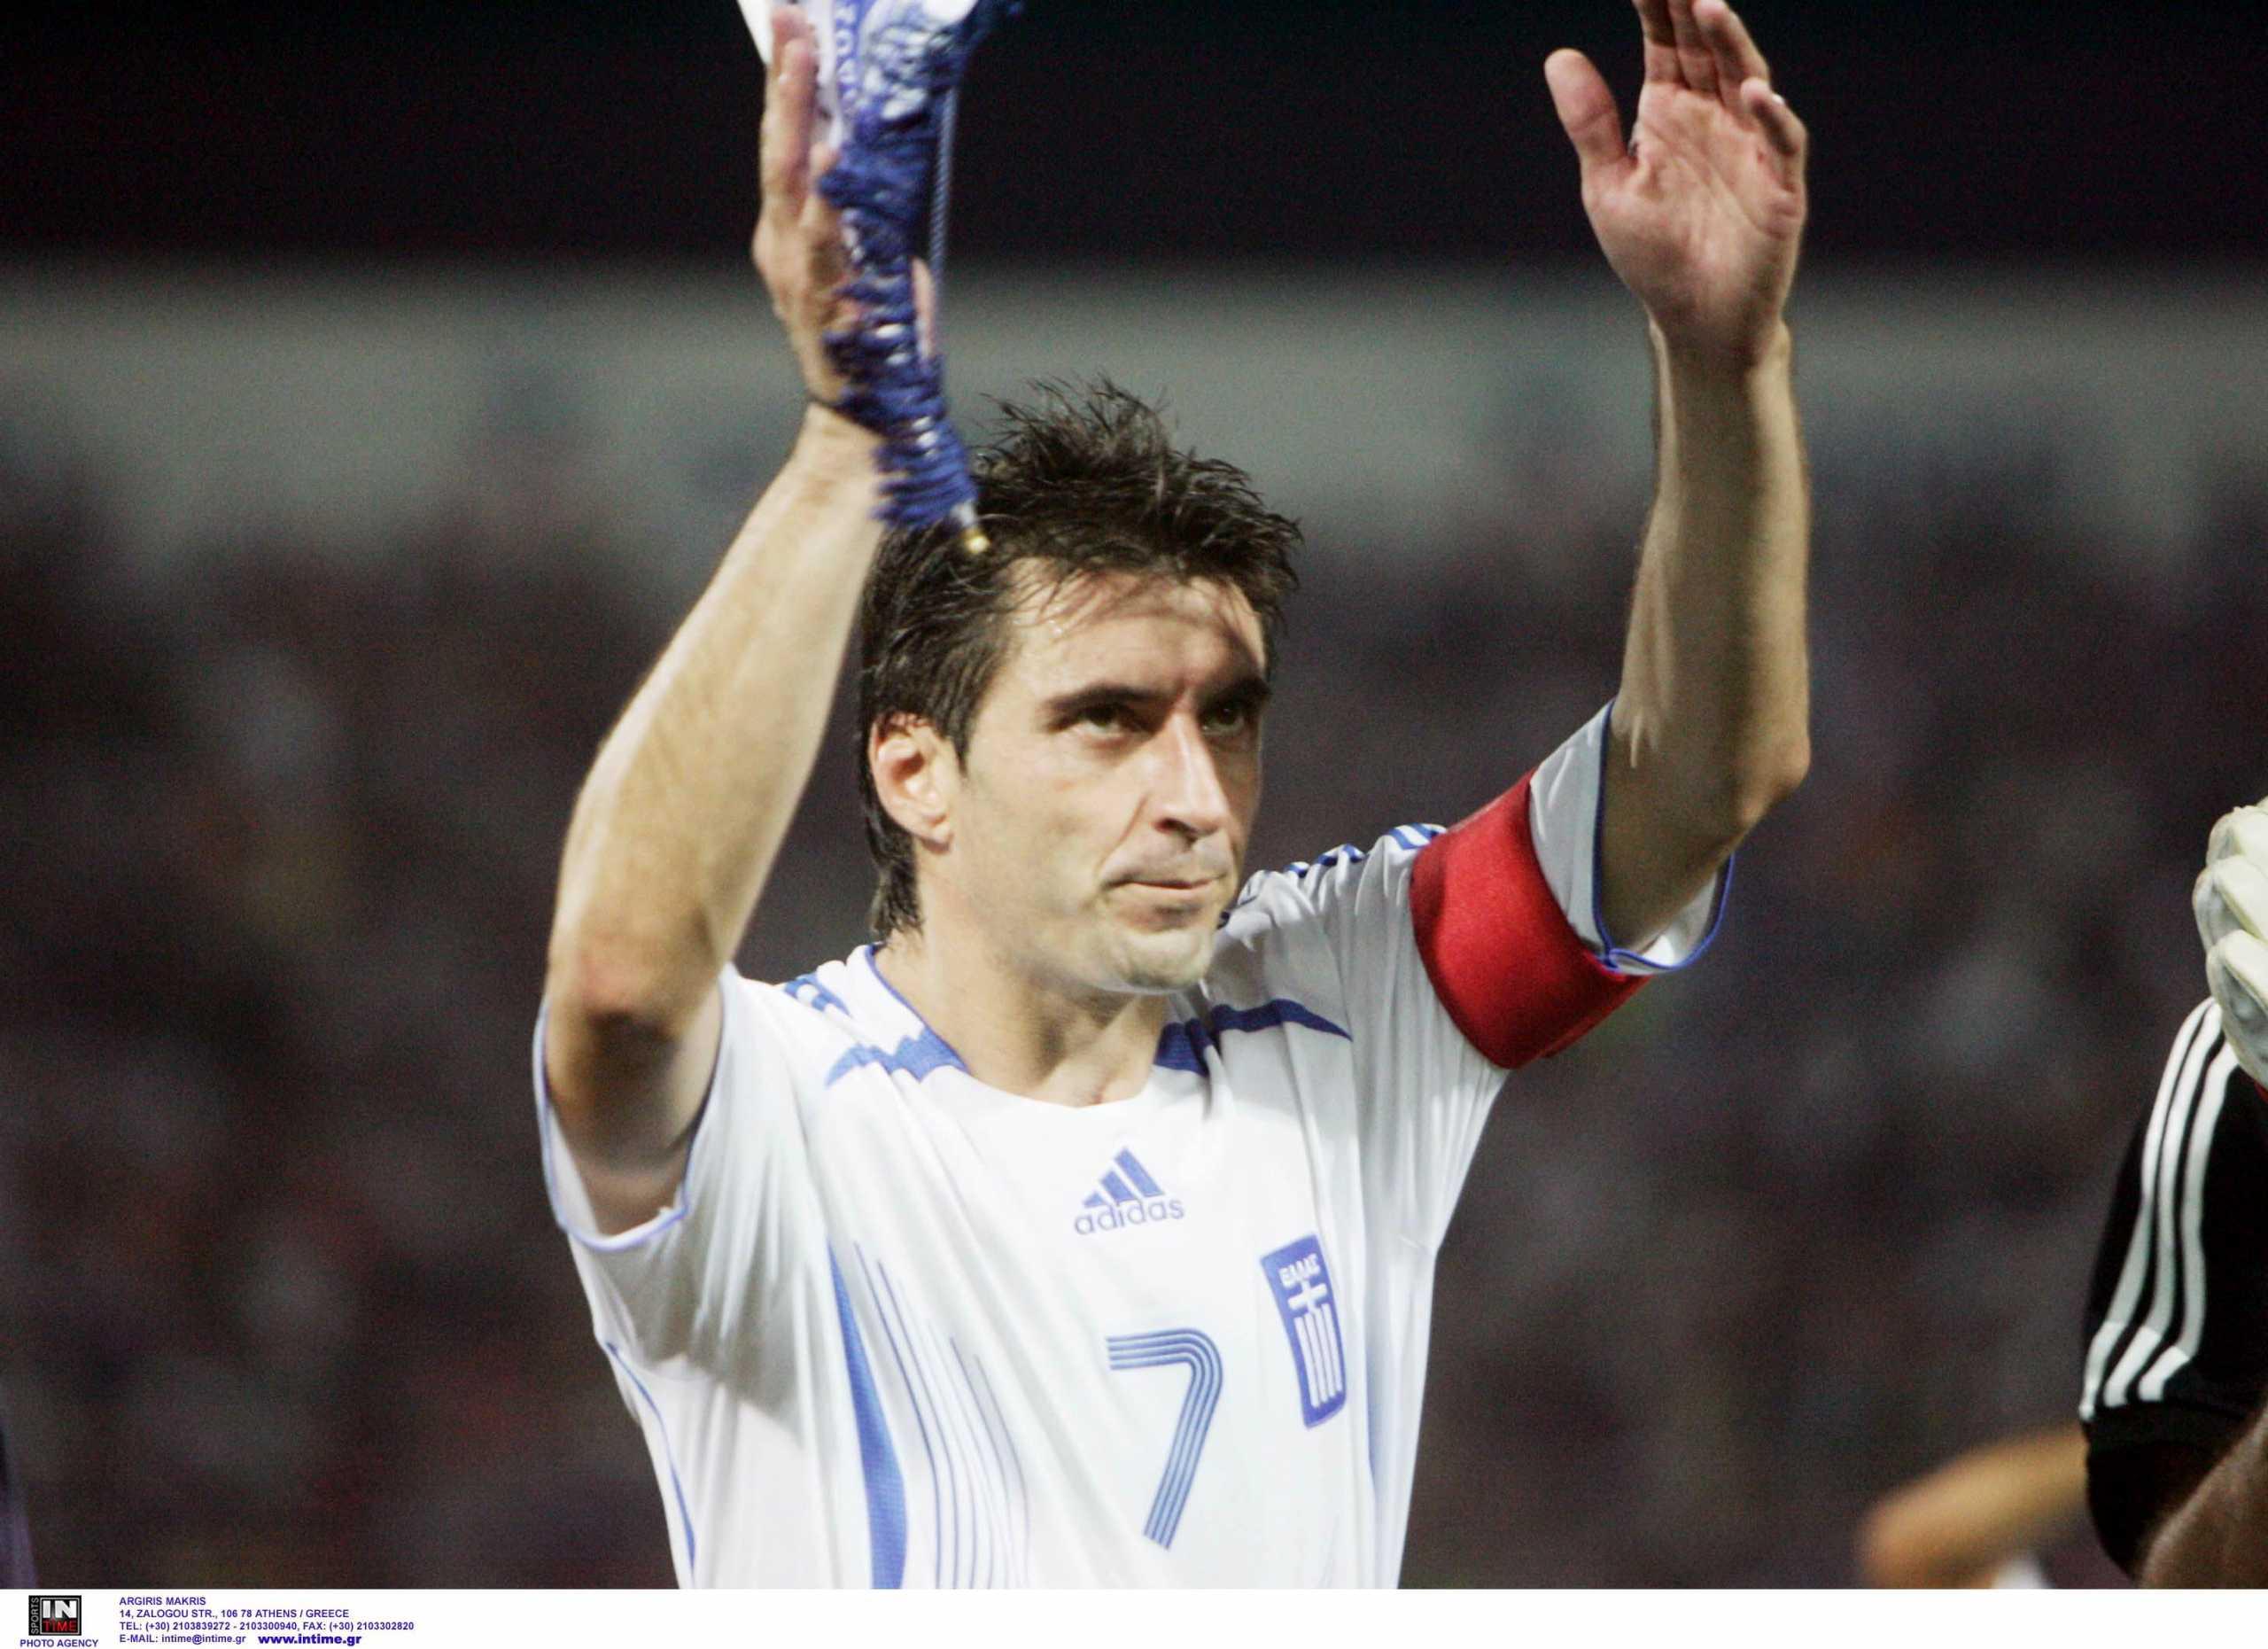 Μήνυμα Ζαγοράκη για την επέτειο του 2004: «Πίστη στην πανίσχυρη δύναμη της ομάδας»